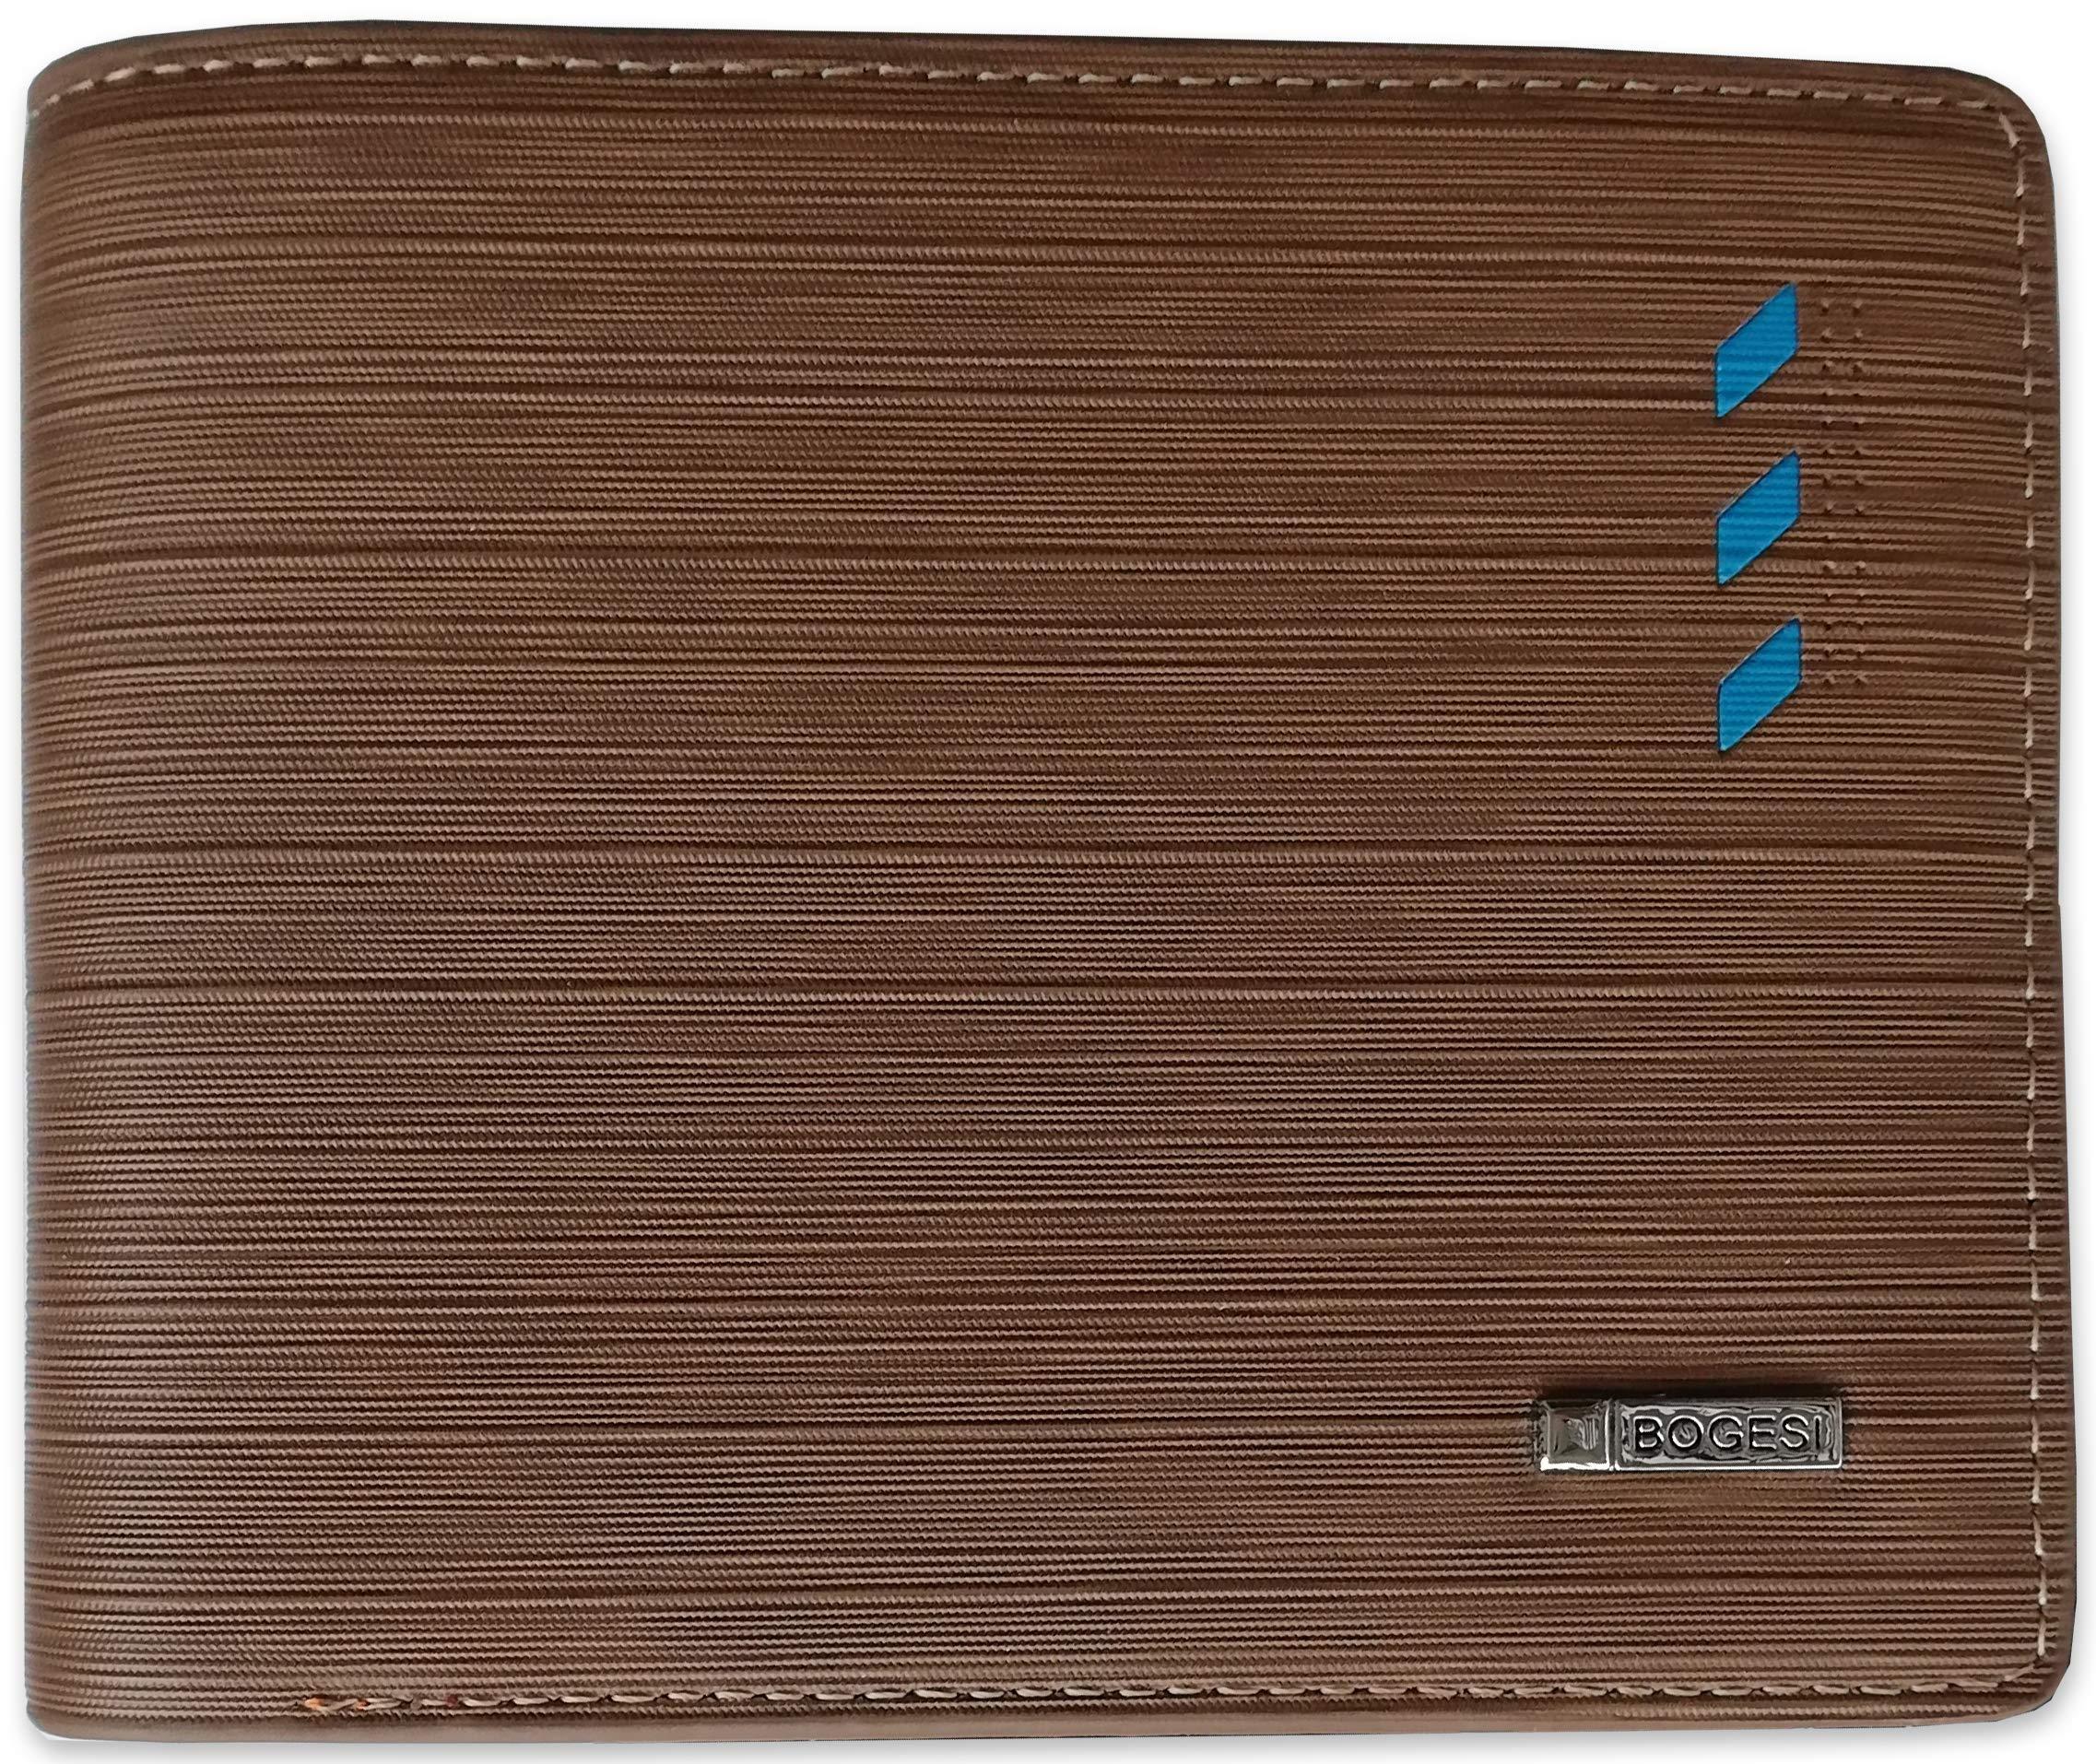 Men\'s Wallet, Men Credit Card Wallet, Men Cash Wallet, Cool Mens Wallet - Men PU Leather Wallet with 11 Card Slots, Interior Slot Pocket, Card Holder, Photo Holder, Fashion Wallet